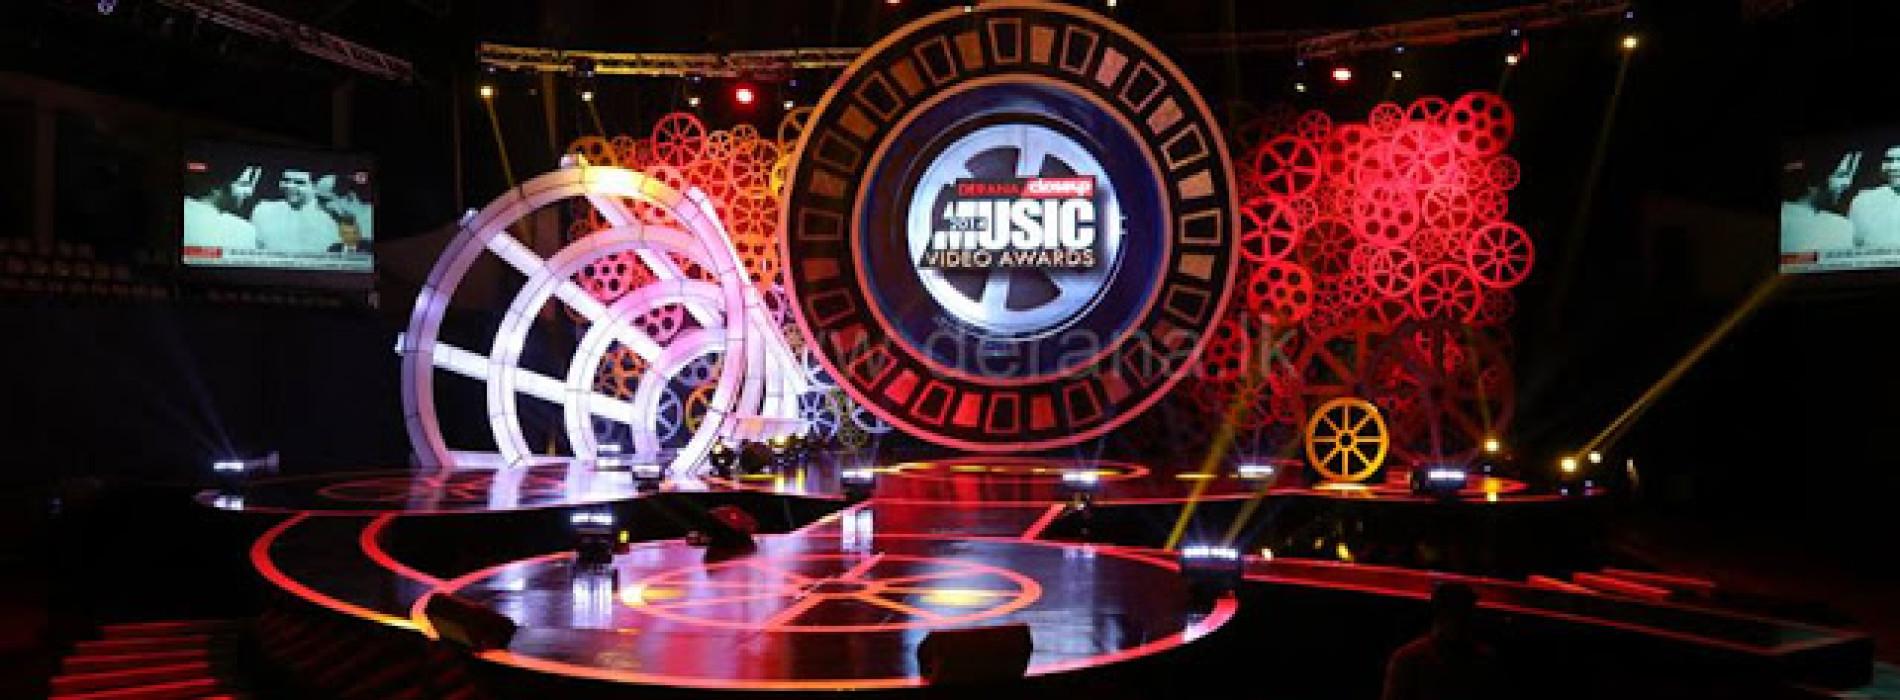 That Derana Music Video Awards Announcement